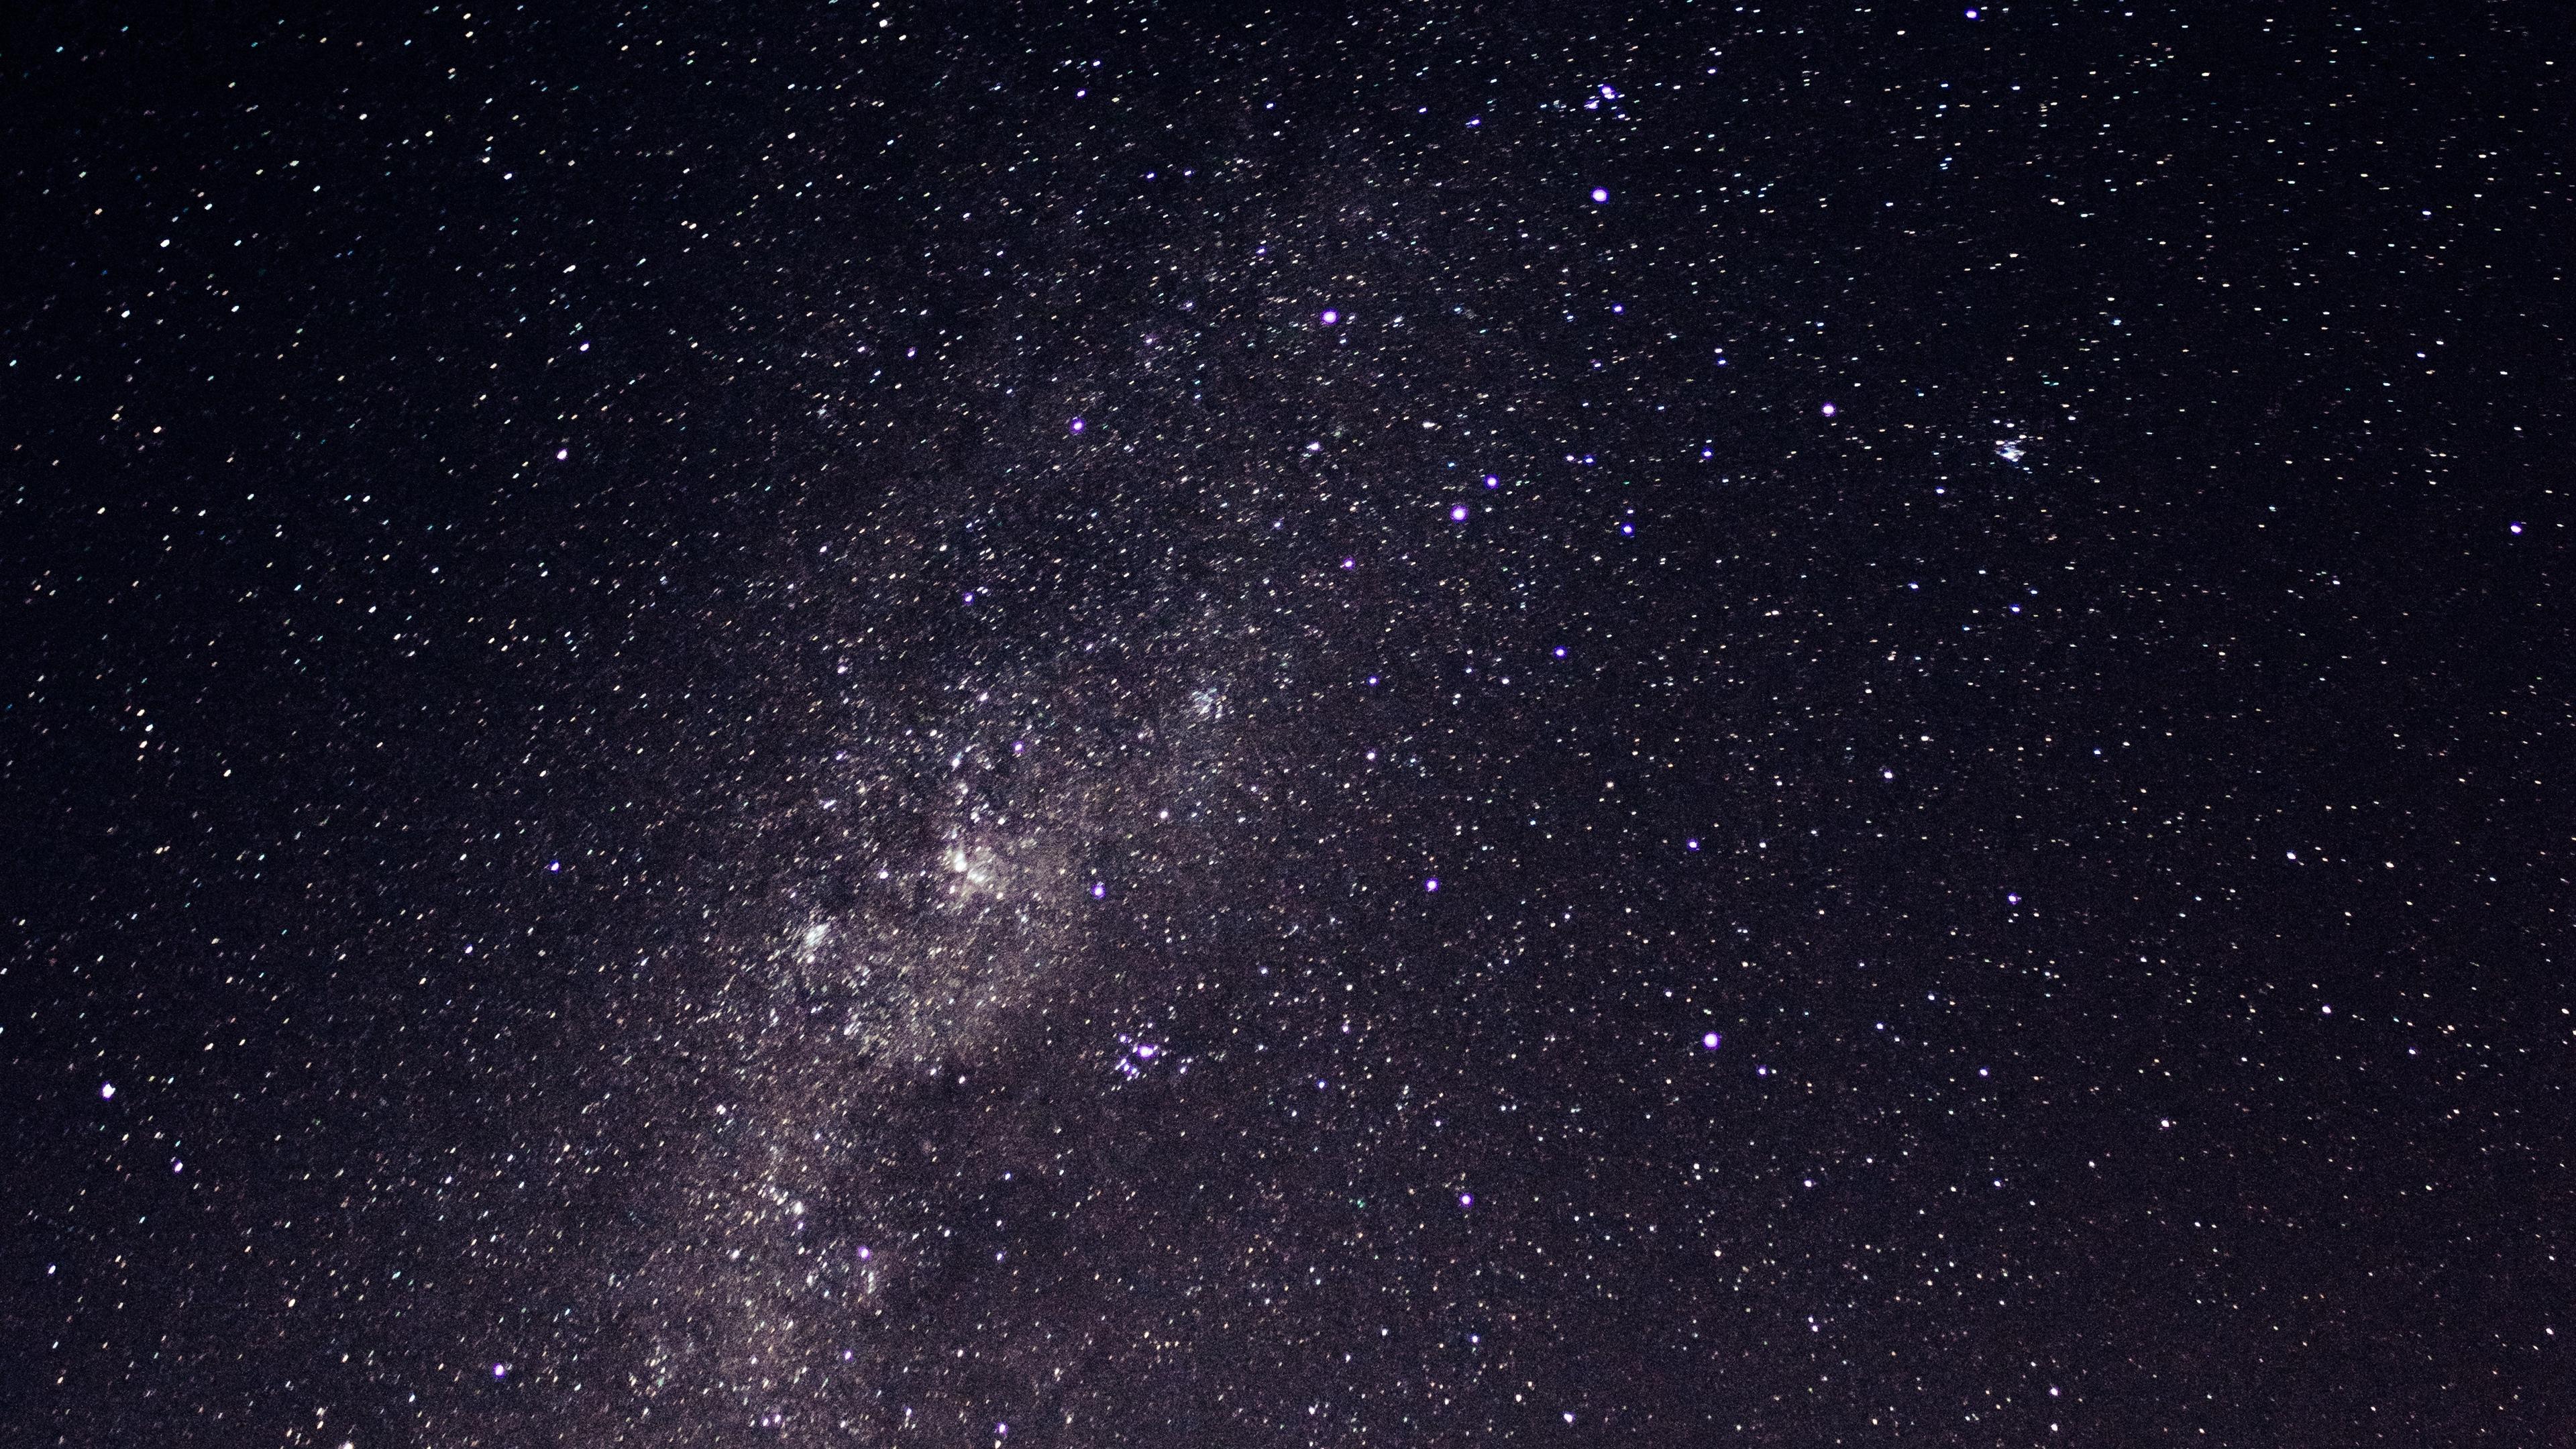 starry sky galaxy milky way glitter night 4k 1536016885 - starry sky, galaxy, milky way, glitter, night 4k - starry sky, milky way, Galaxy